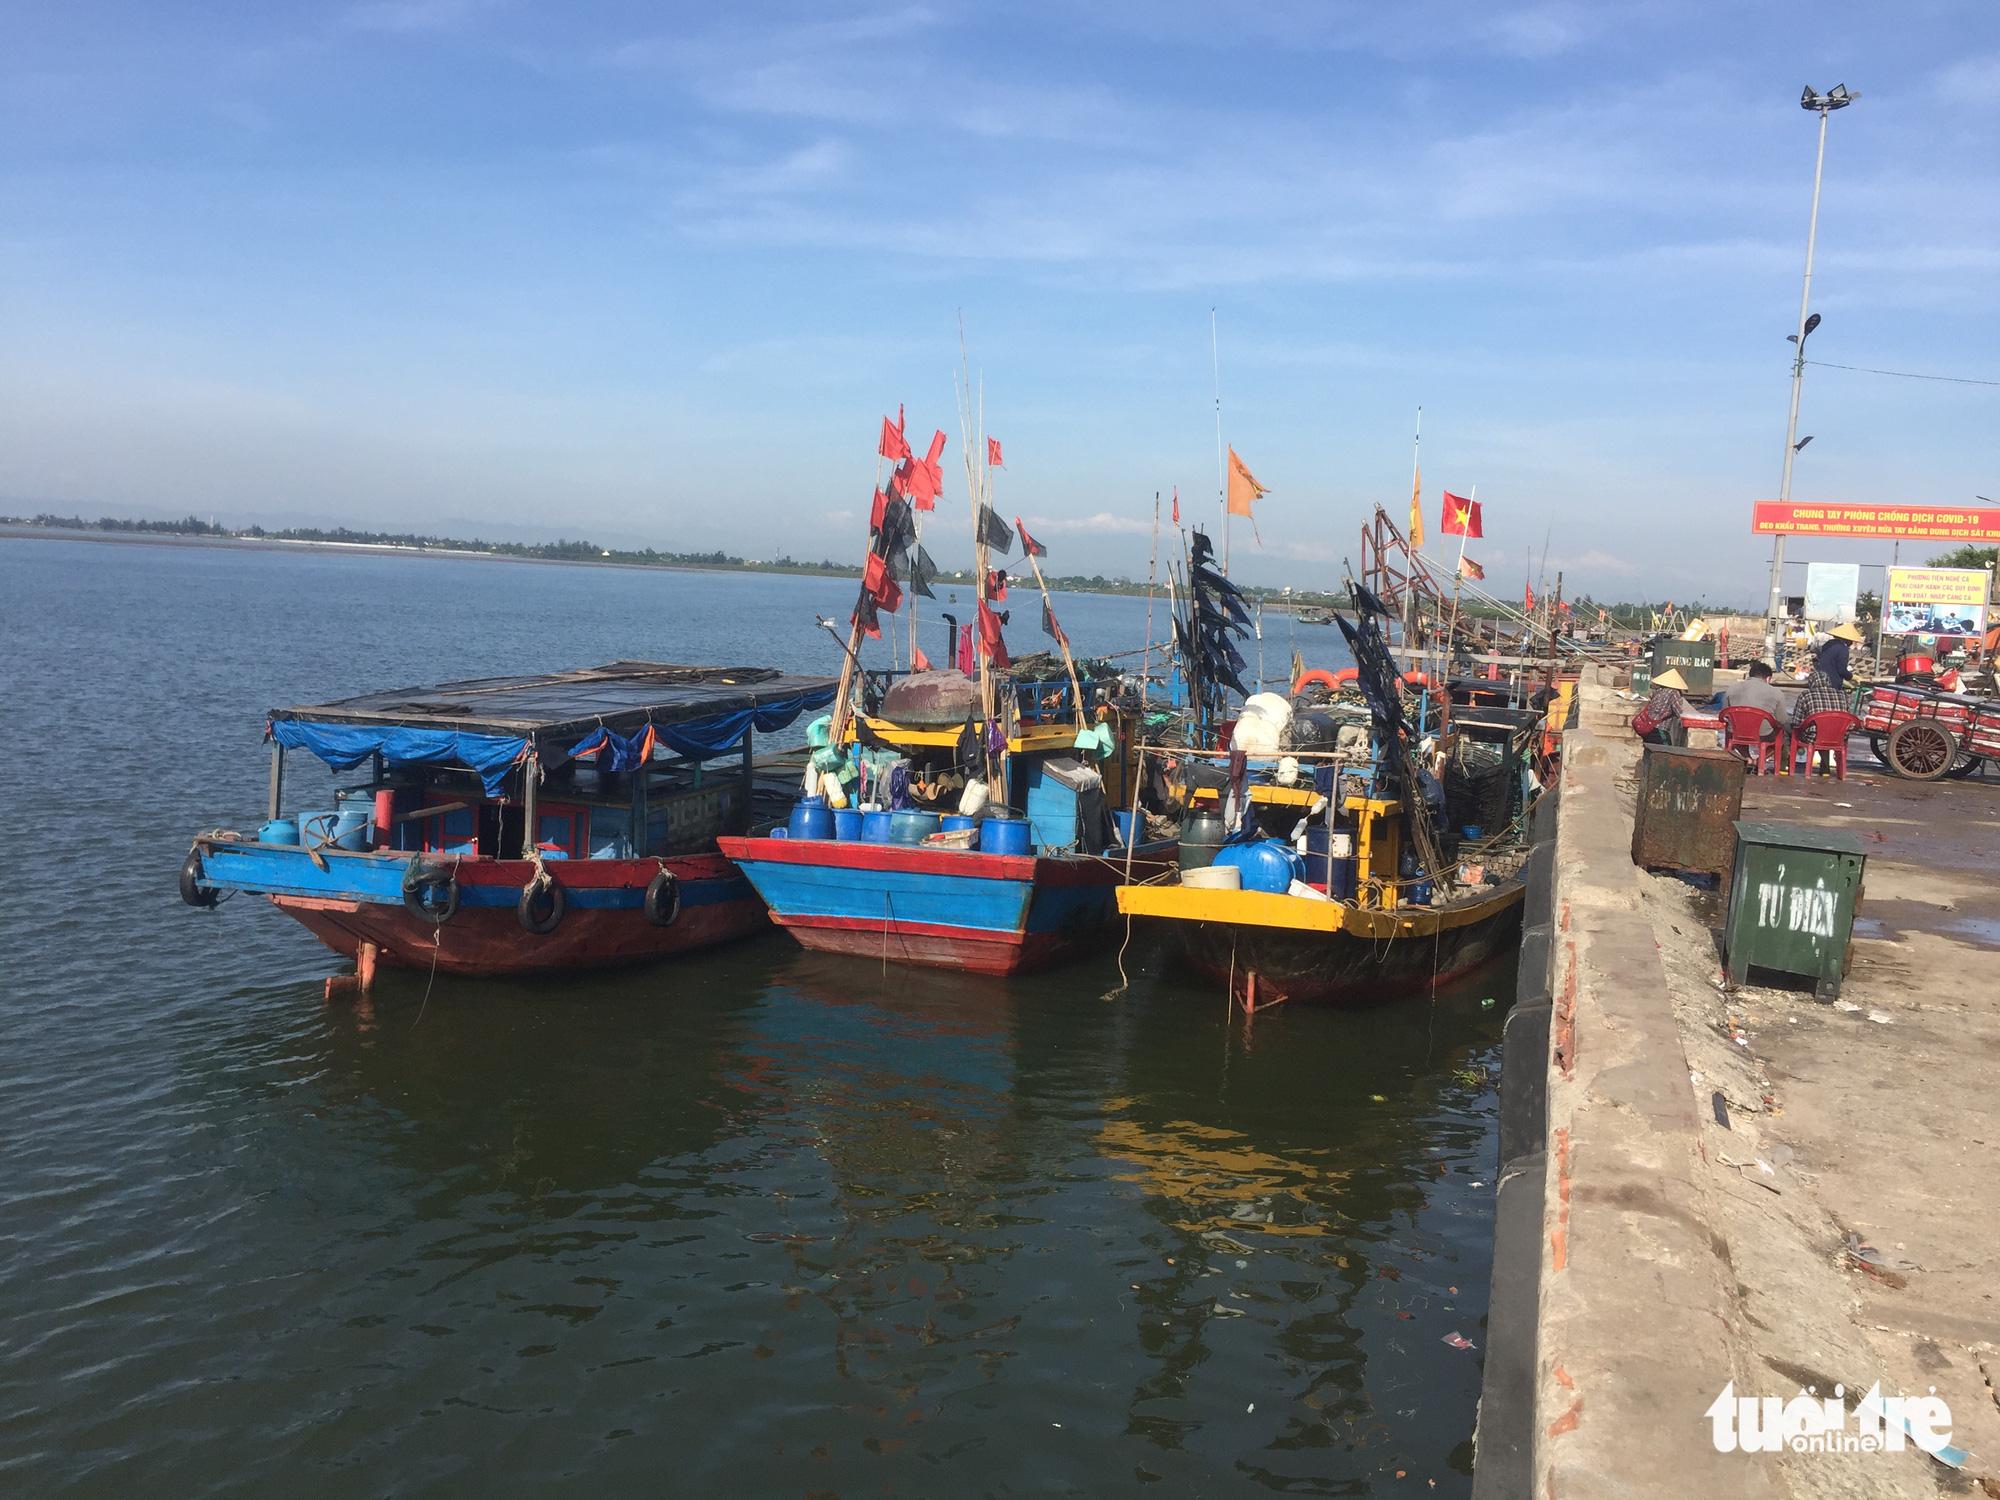 Fishermen fined for using boat to flee COVID-19 lockdown zone in Vietnam